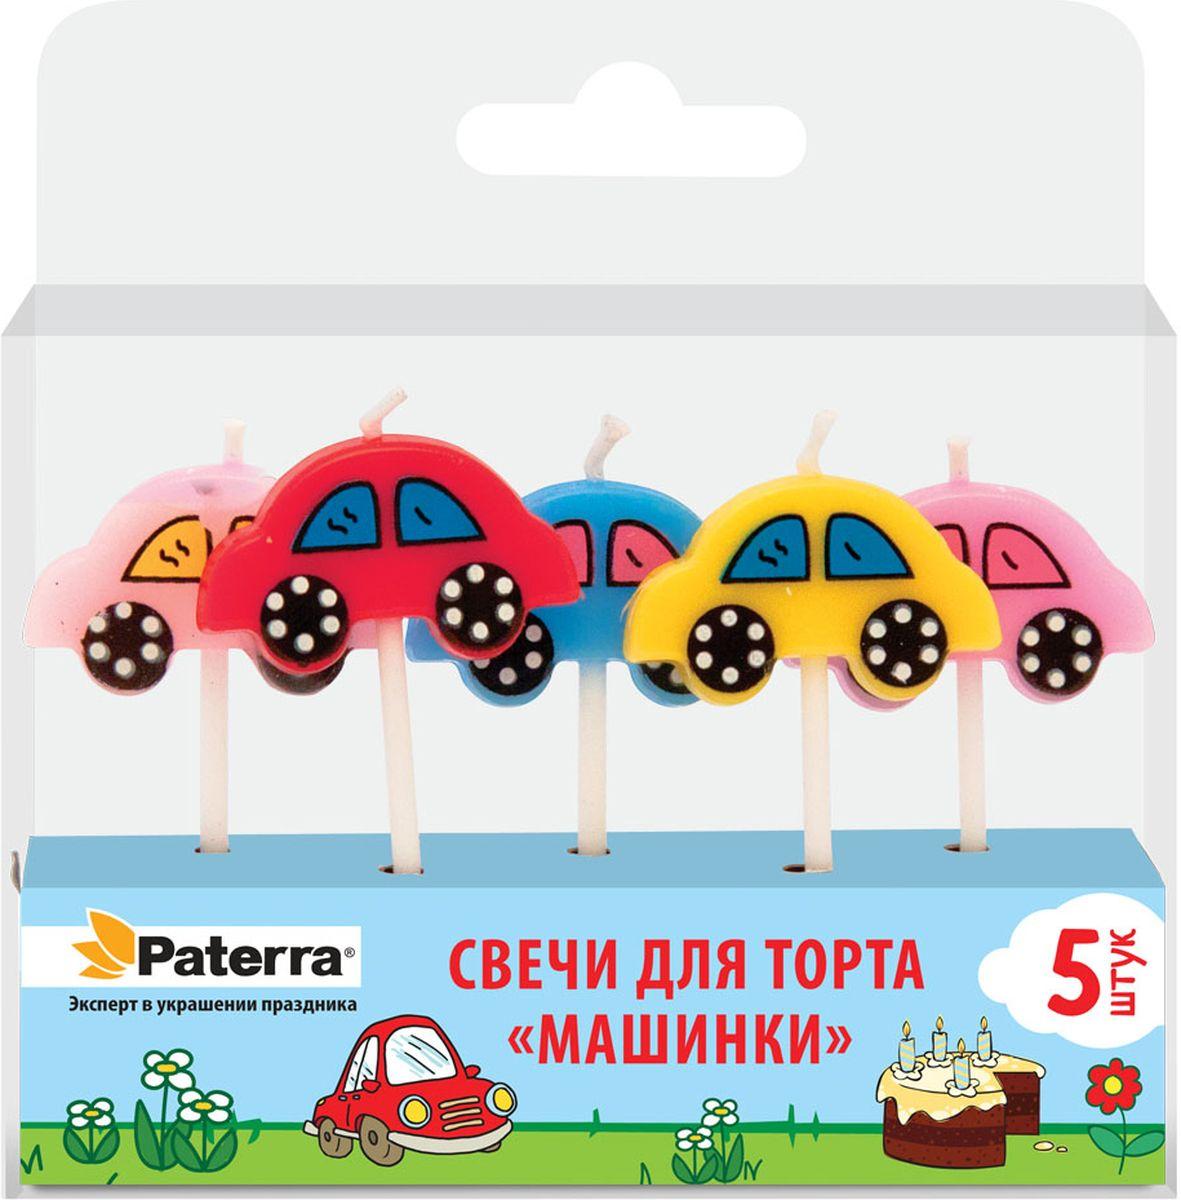 Свечи для торта Paterra Машинки, высота 11,5 см, 5 шт пики для канапе paterra зонтик 30 шт